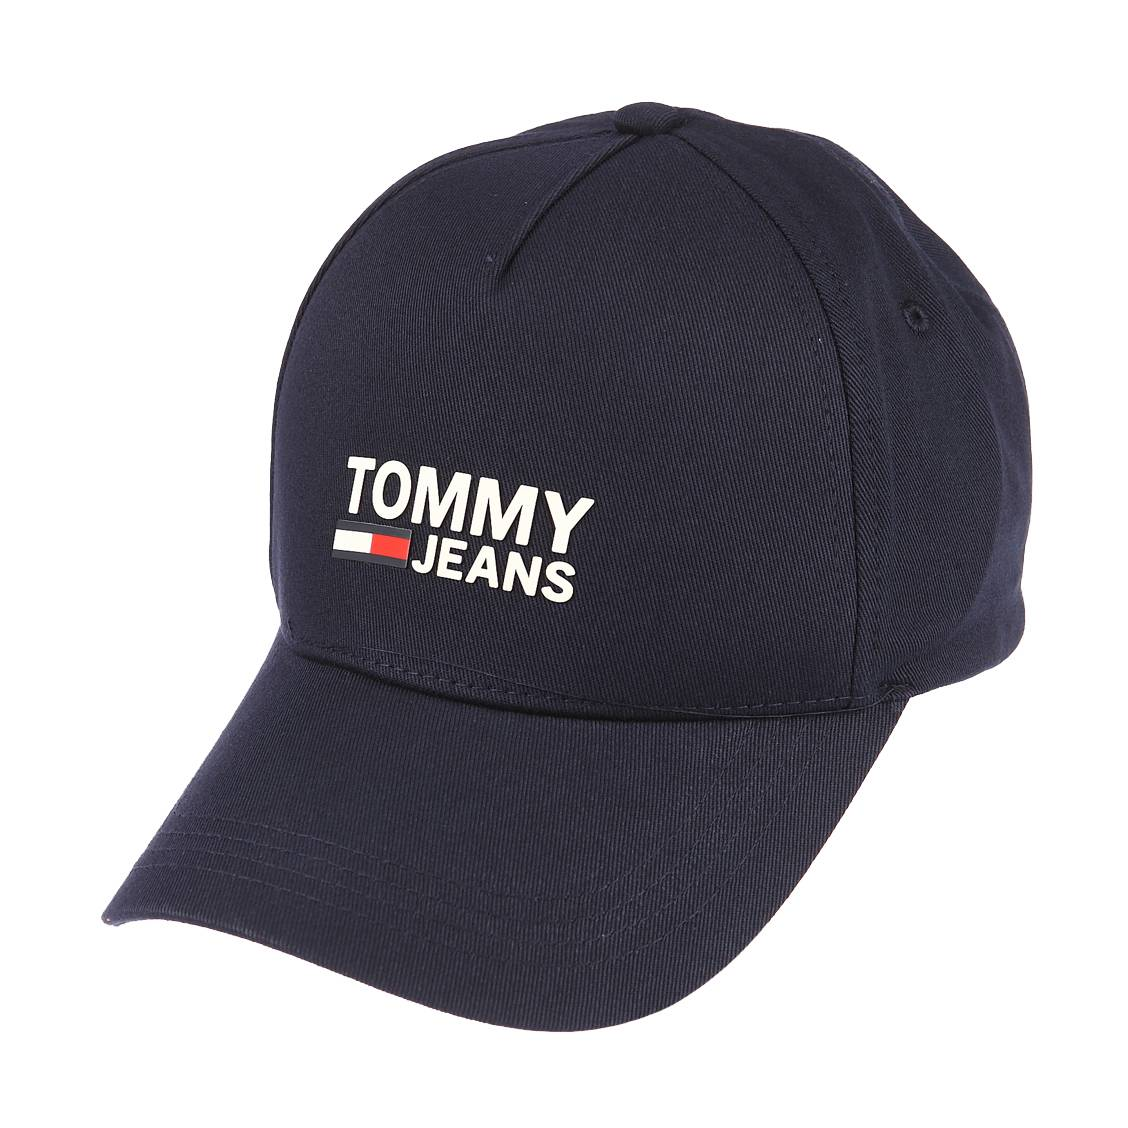 chapeau bonnet homme tommy hilfiger jusqu 40 soldes premi re d marque. Black Bedroom Furniture Sets. Home Design Ideas